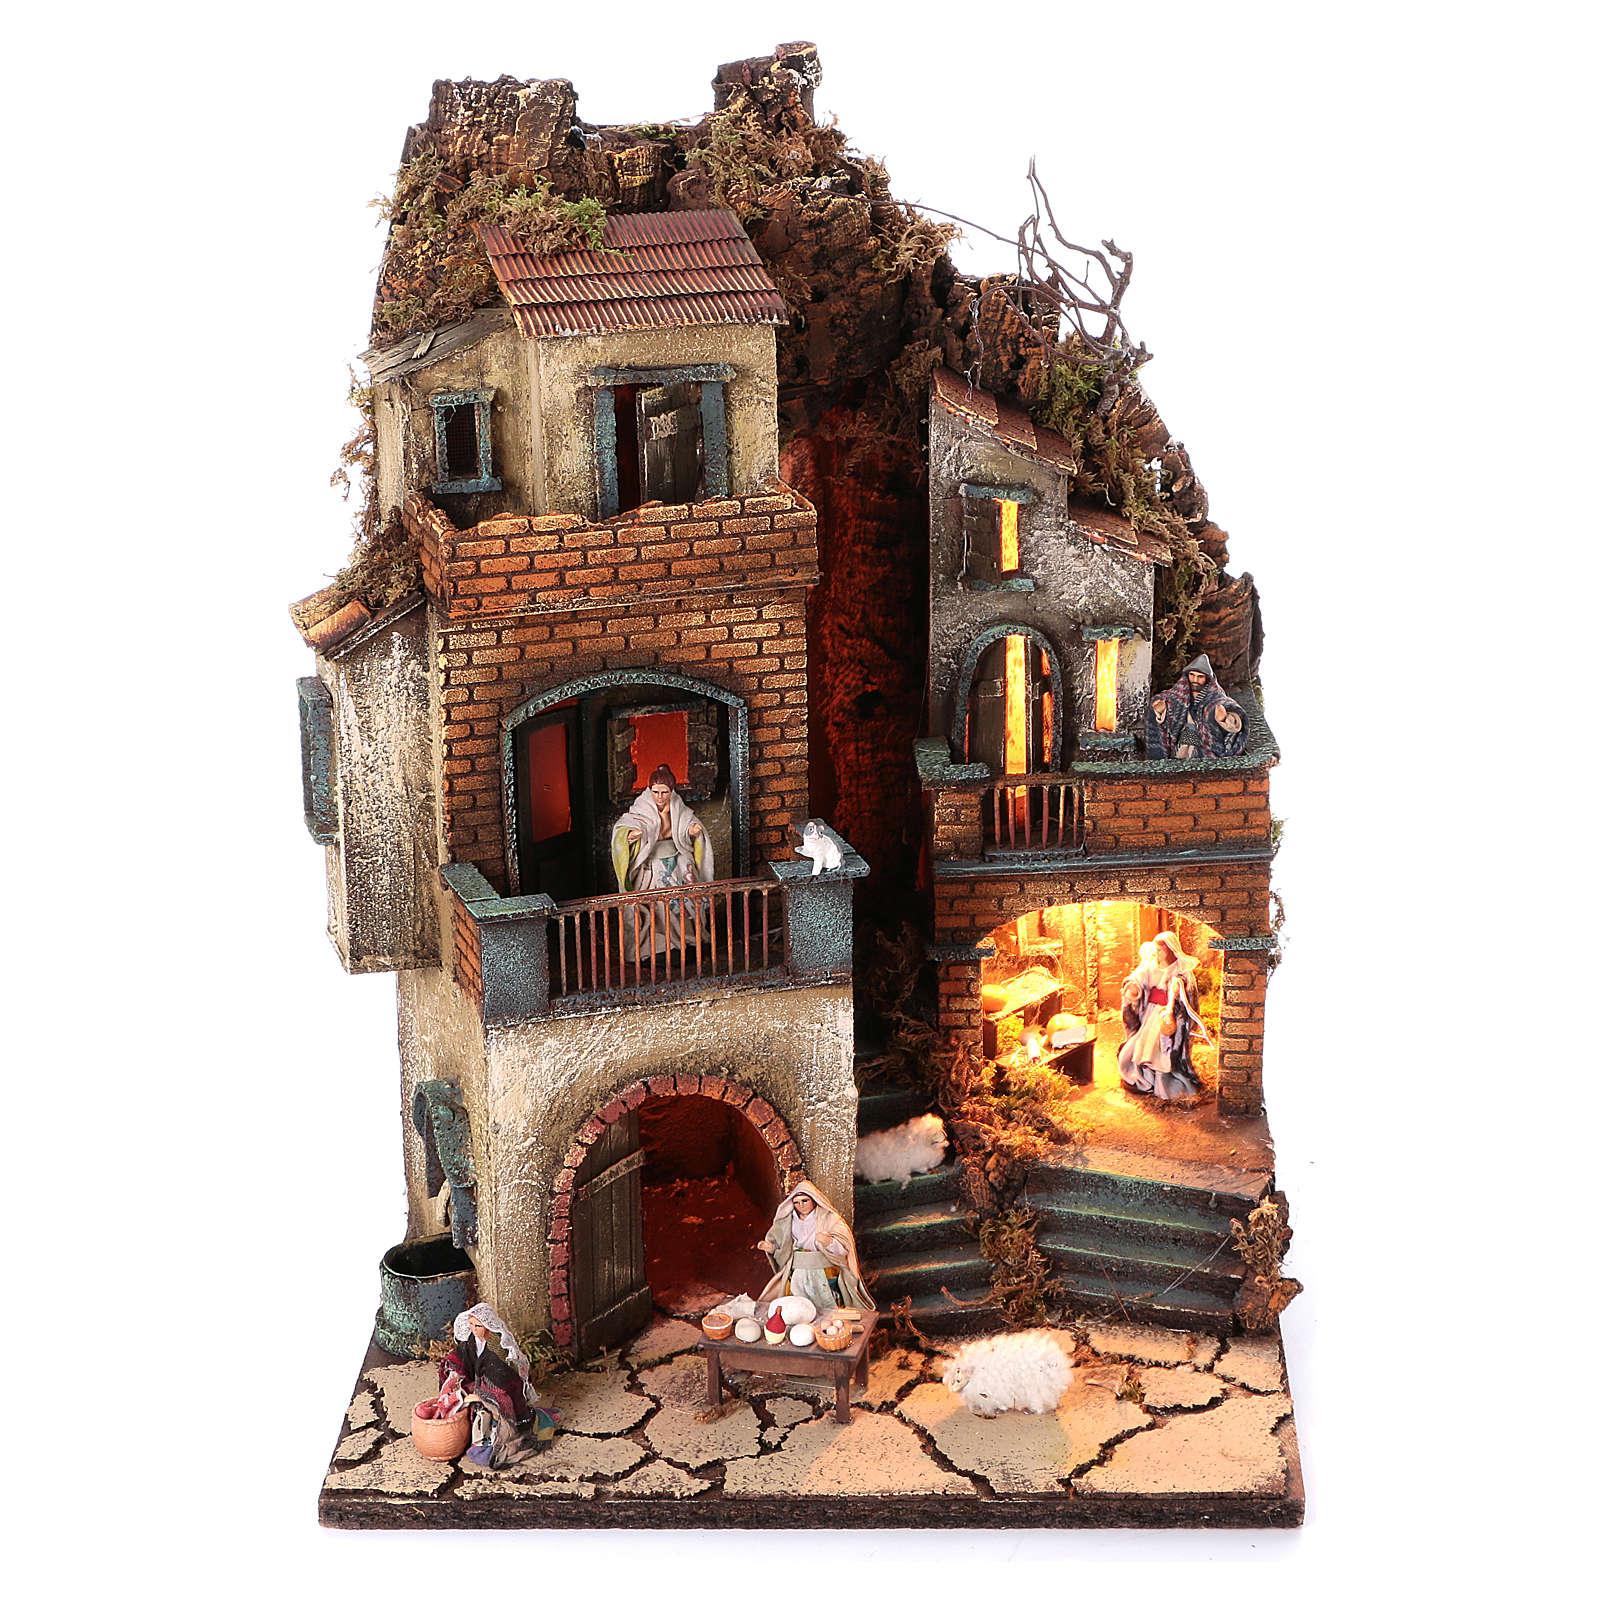 Krippenszenerie neapolitanisches Dorf mit Brunnen, 55x40x40 cm, Modul 6, für 8 cm Figuren 4